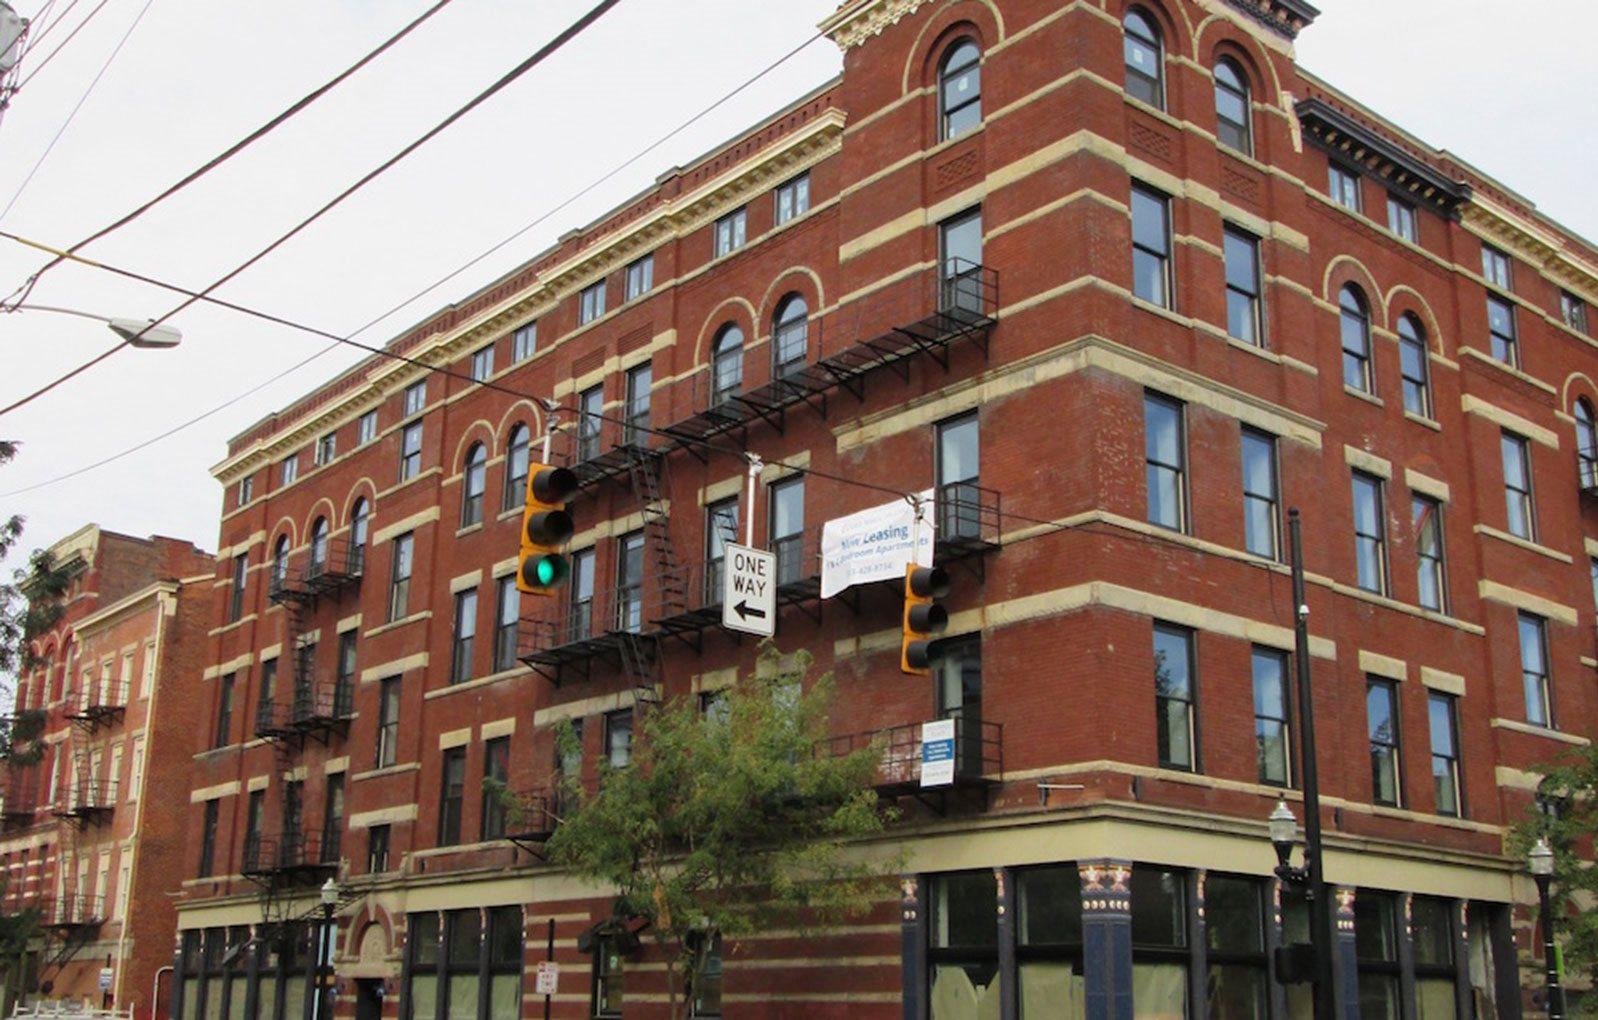 exterior of building_Columbia Flats Apartments Cincinnati, OH